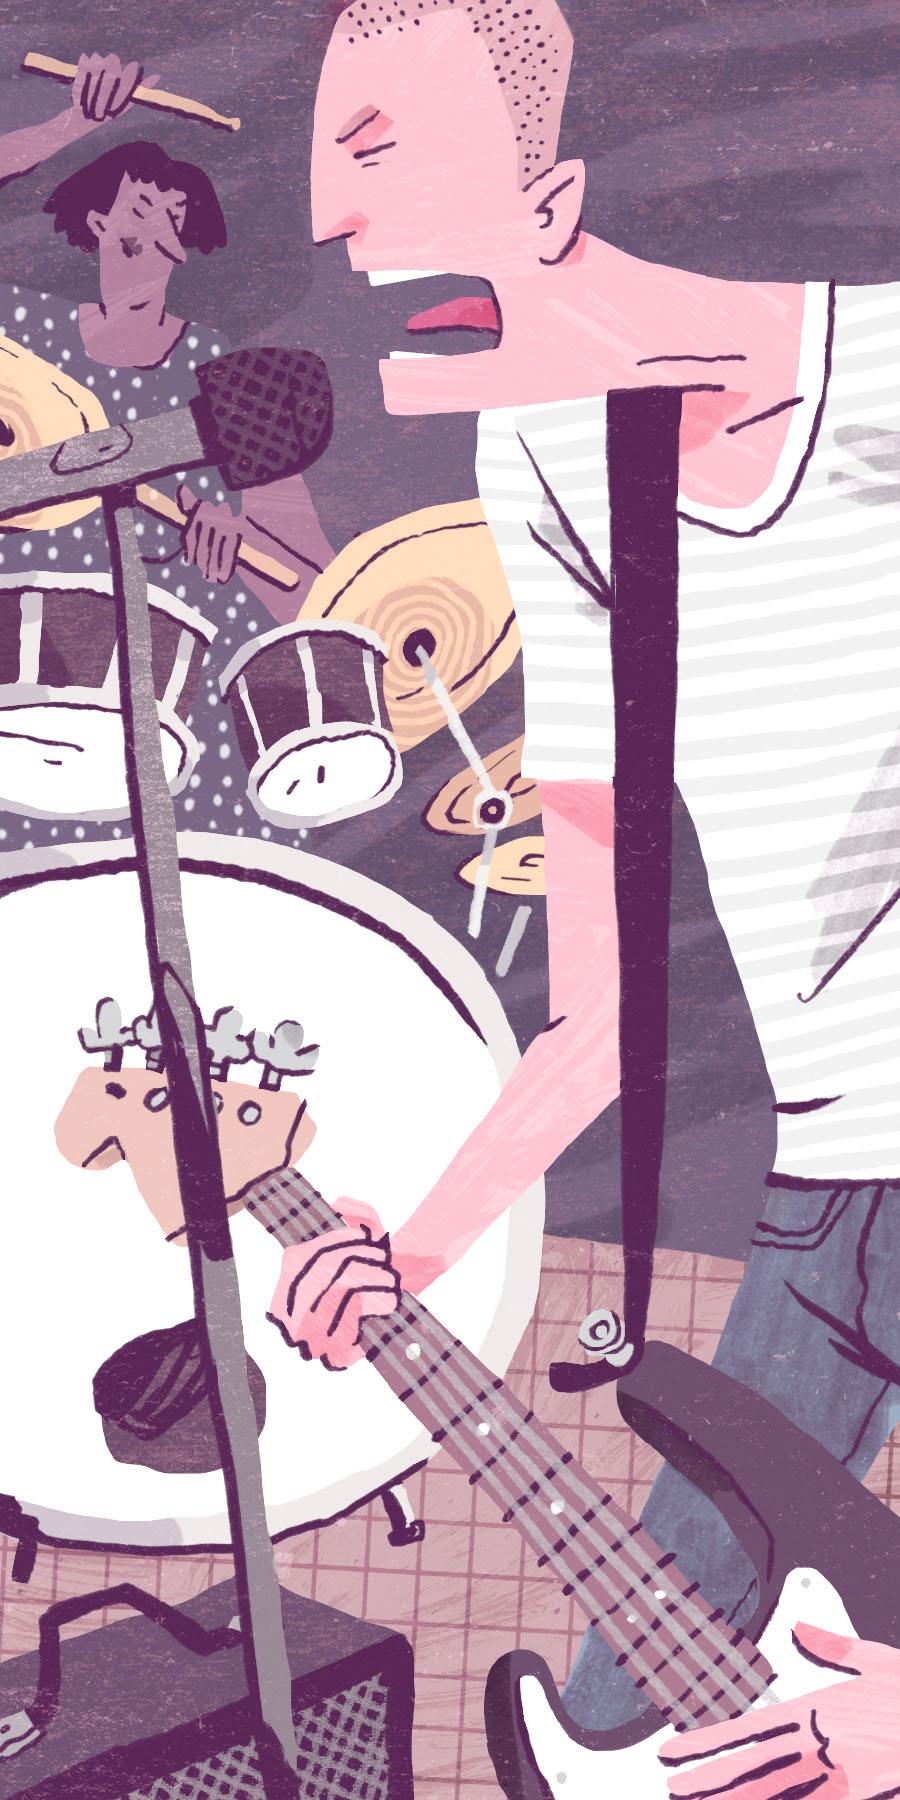 Drew Bardana - Garage Band